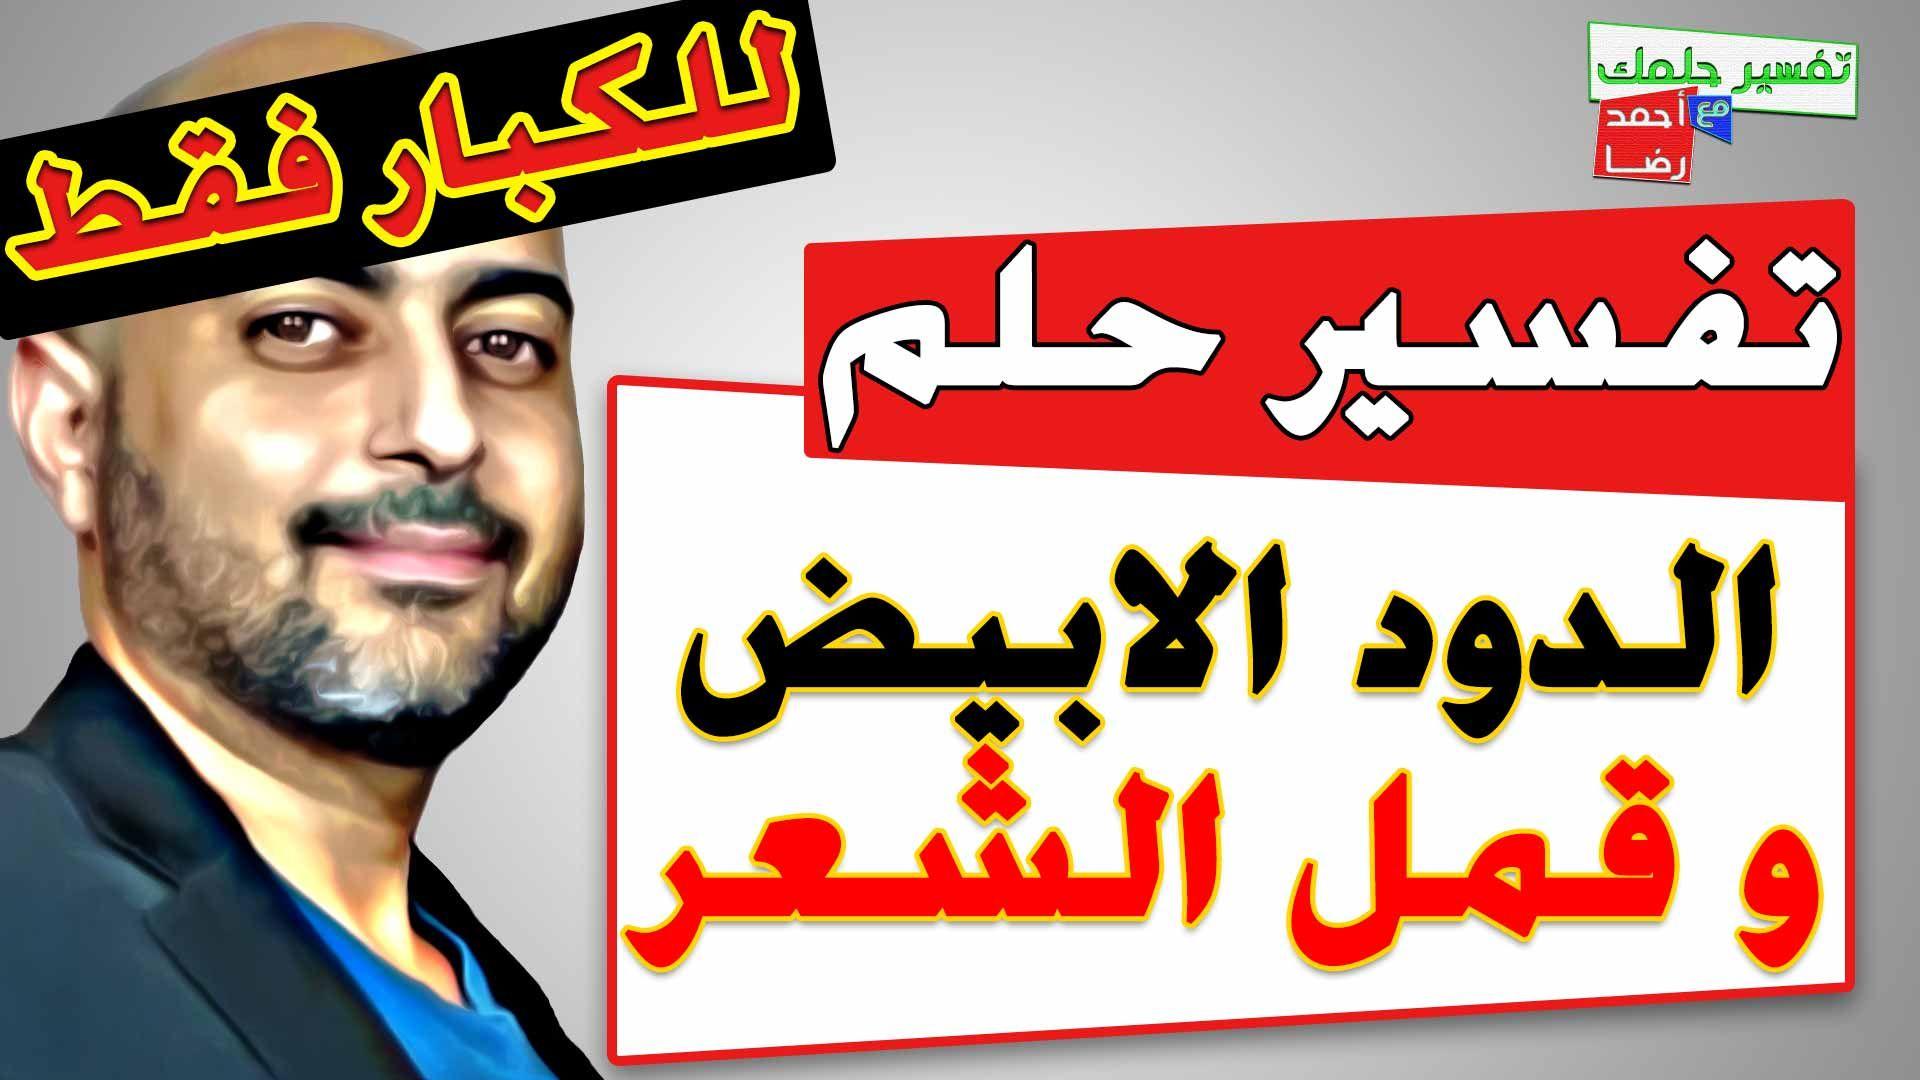 تفسير حلم رؤية الدود الابيض في المنام و قمل الشعر و اسبابه للكبارفقط In 2021